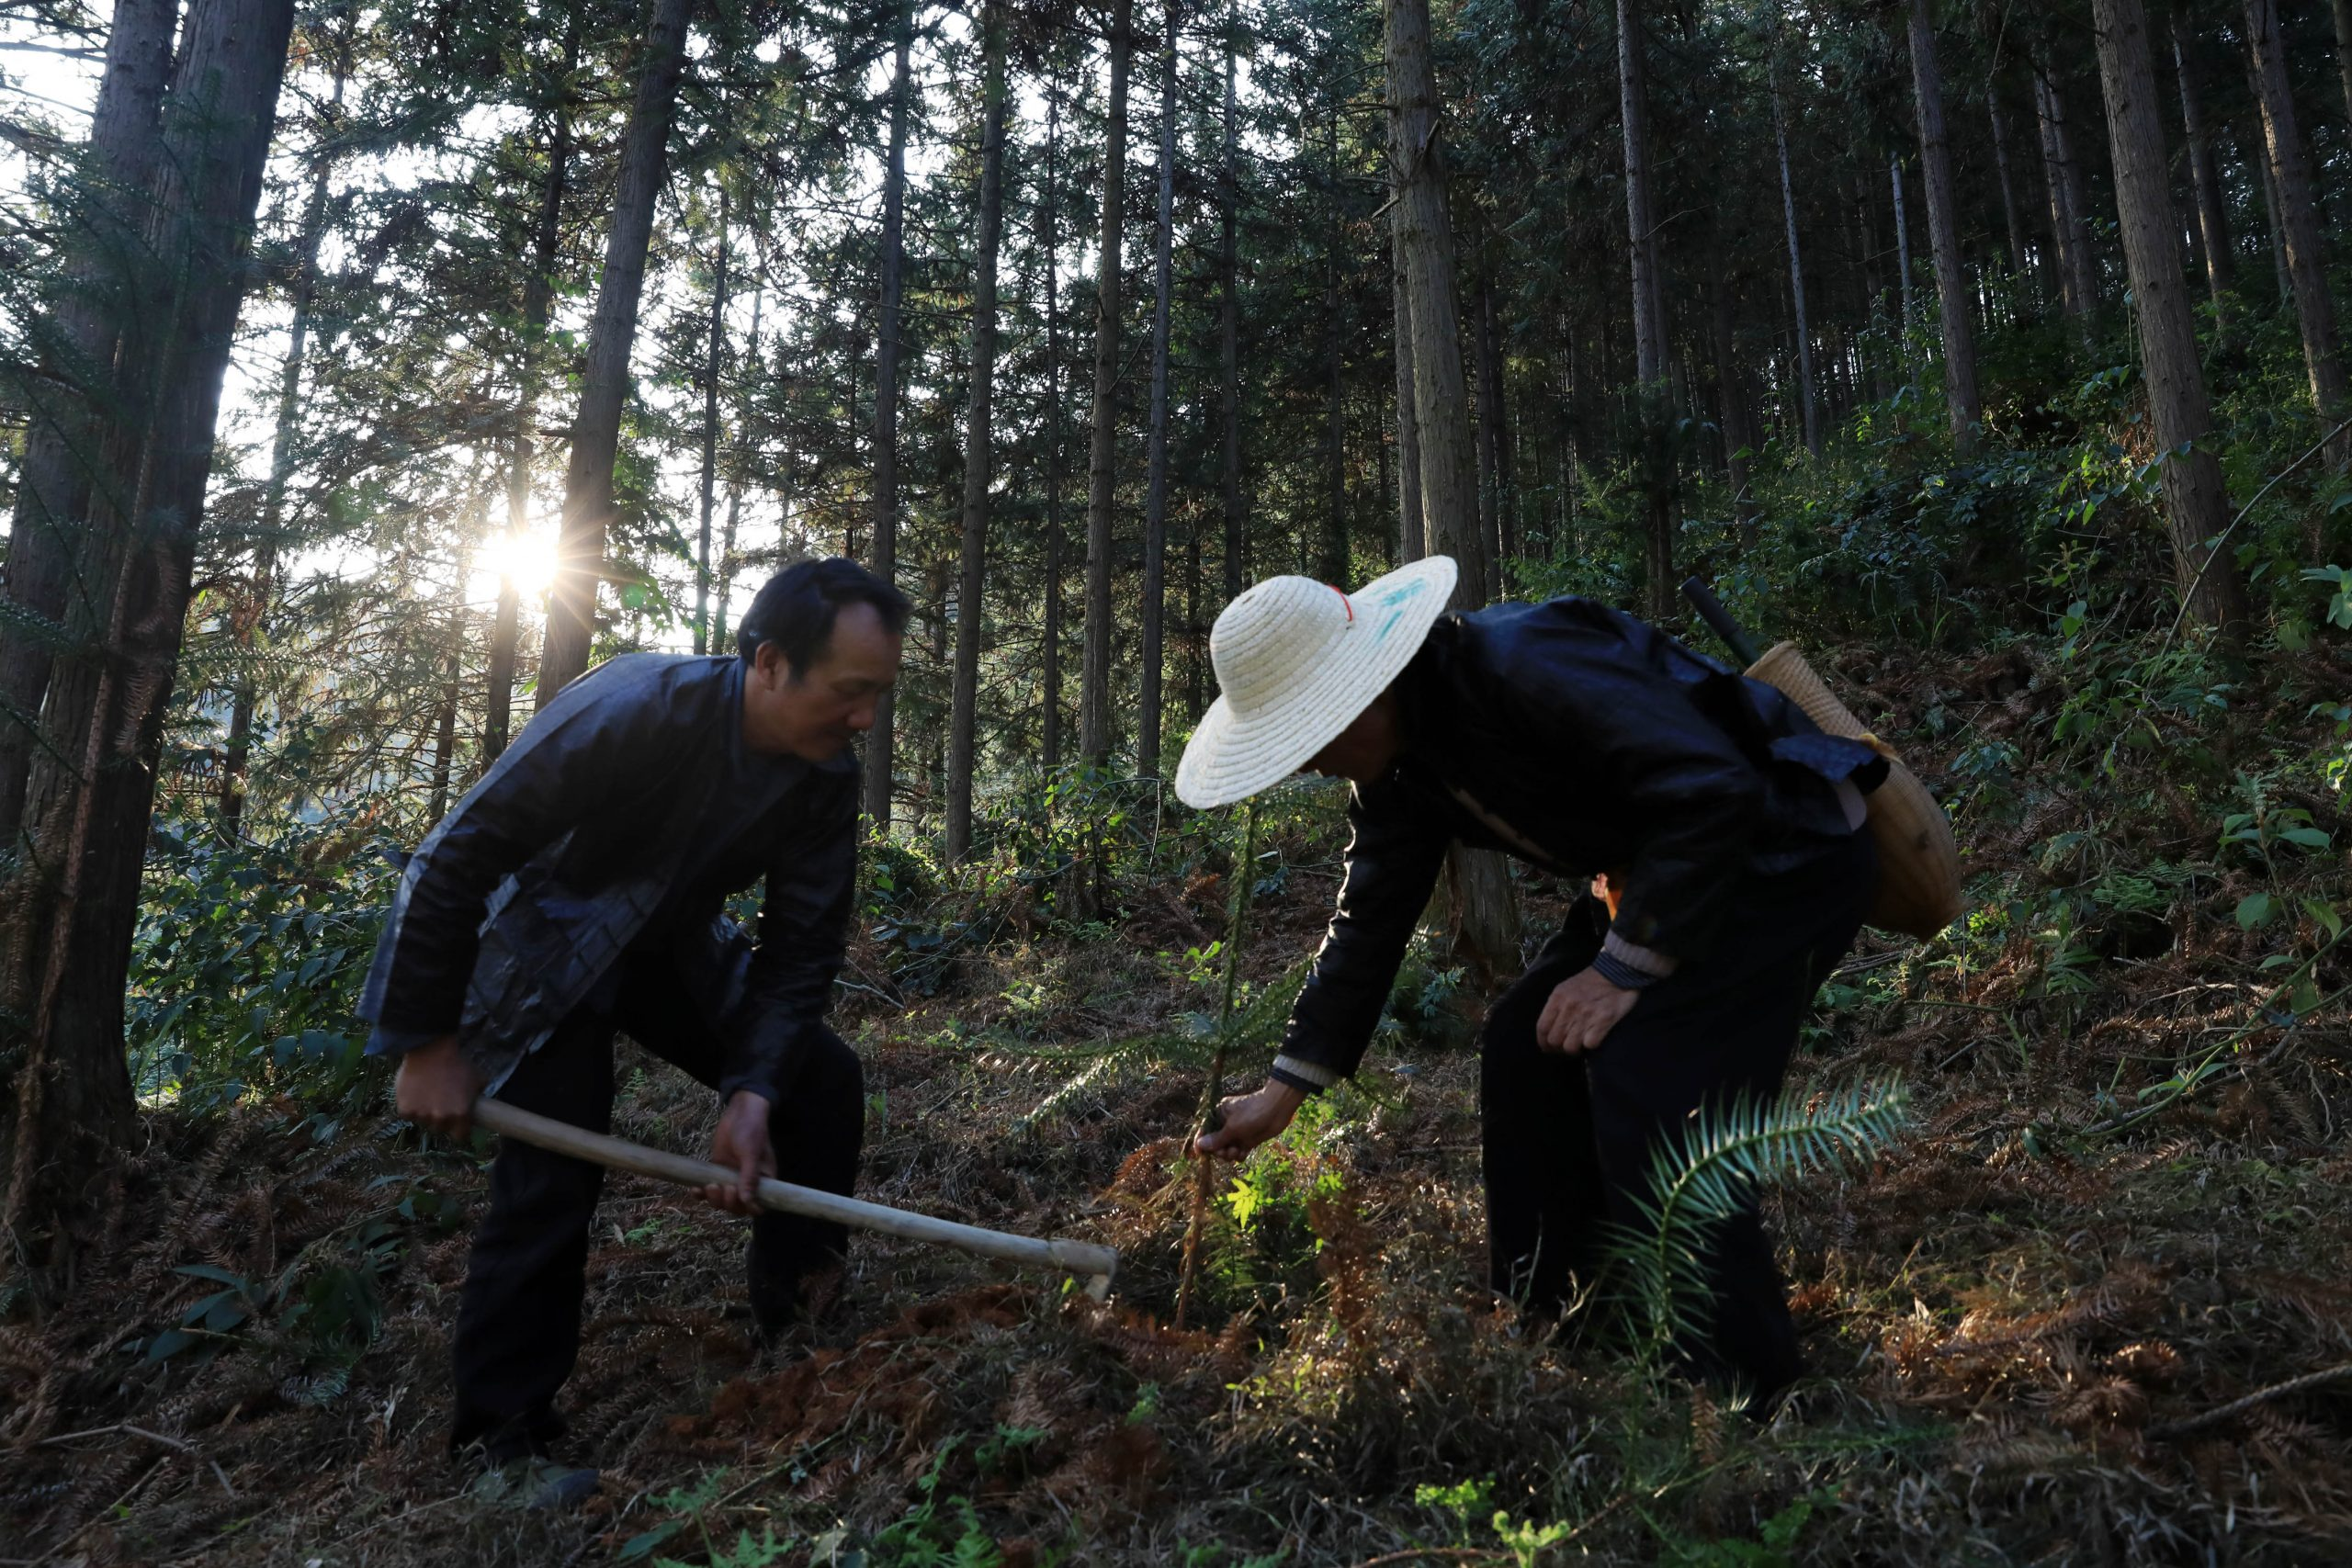 Programas ecológicos de China sacan de la pobreza a más de 20 millones de personas